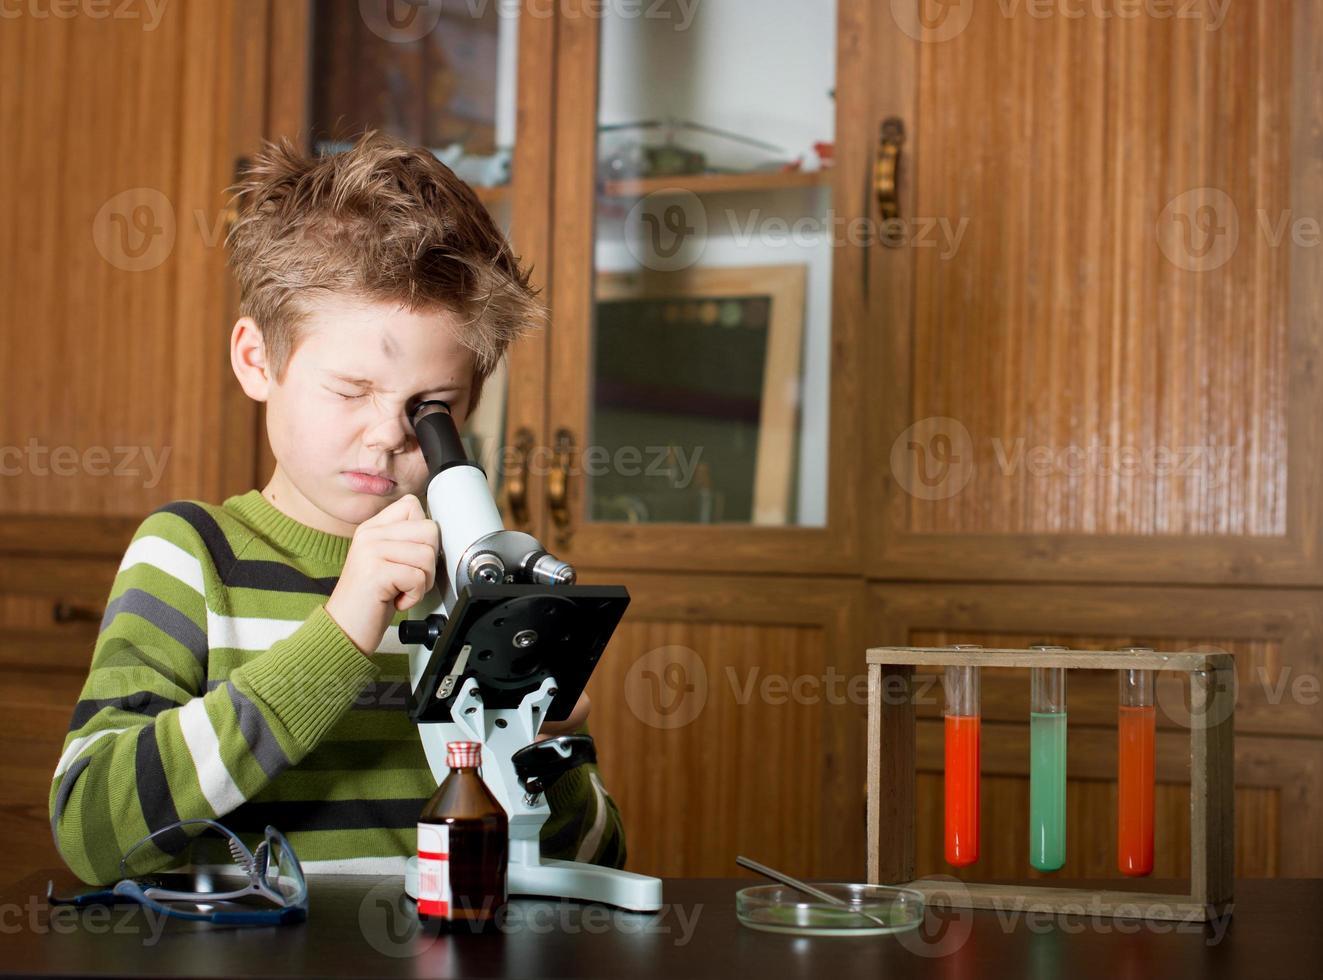 kleiner Junge macht wissenschaftliche Experimente. Bildung. foto